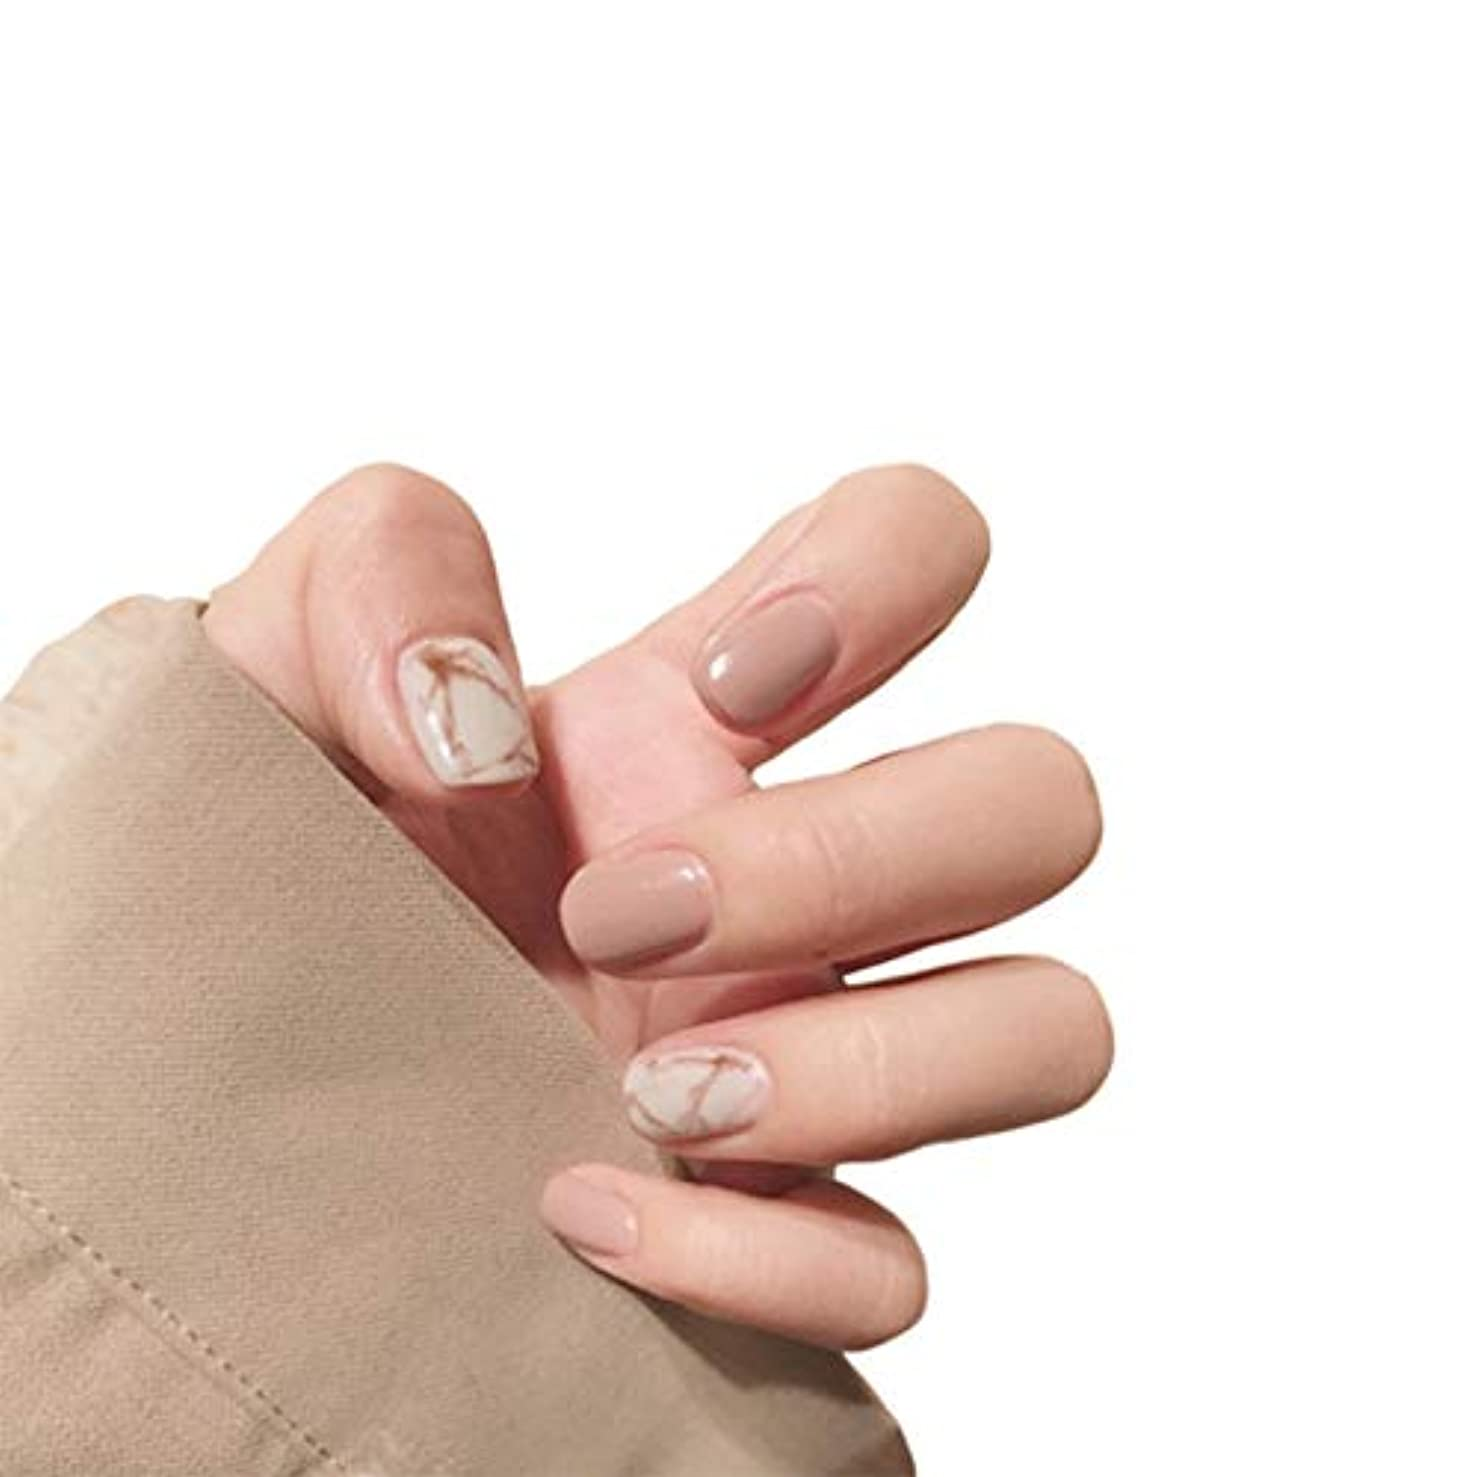 属する規範ティッシュVALEN Nail Patch ネイルチップ 手作りネイルチップ ネイルジュエリー つけ爪 24枚入 フルチップ シンプル 結婚式、パーティー、二次会などに ネイルアート